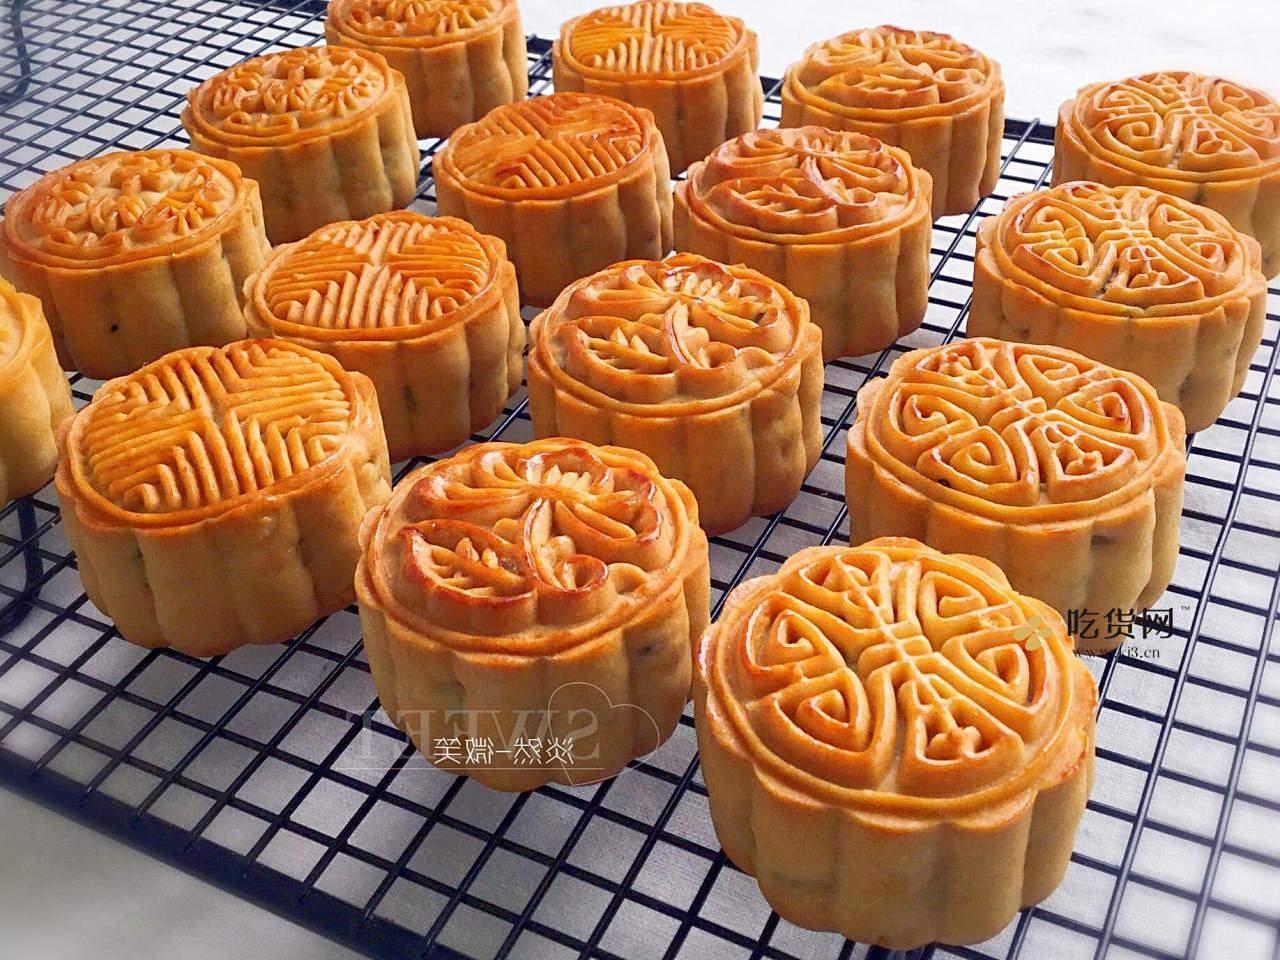 广式五仁月饼蜂蜜版(不用转化糖浆)的做法 步骤14